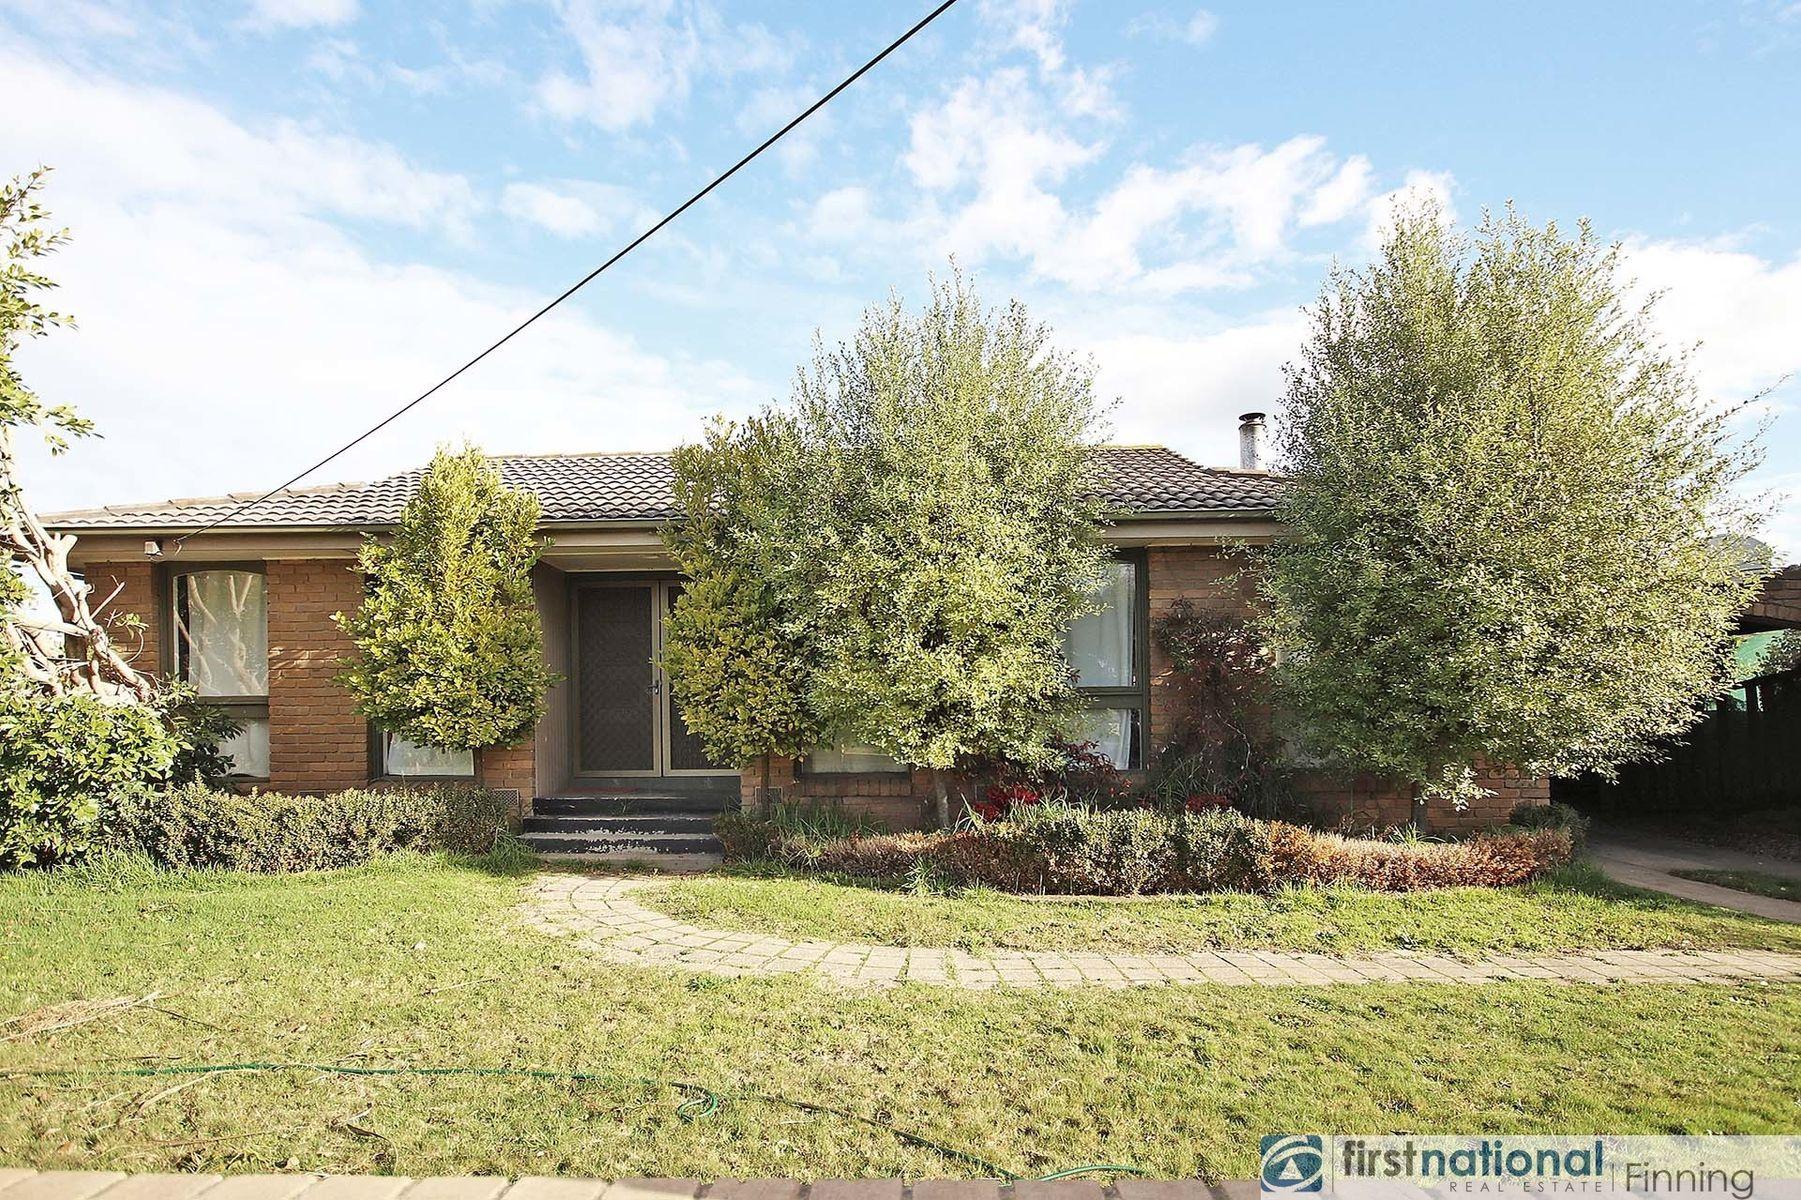 21 Holbourne Avenue, Junction Village, VIC 3977